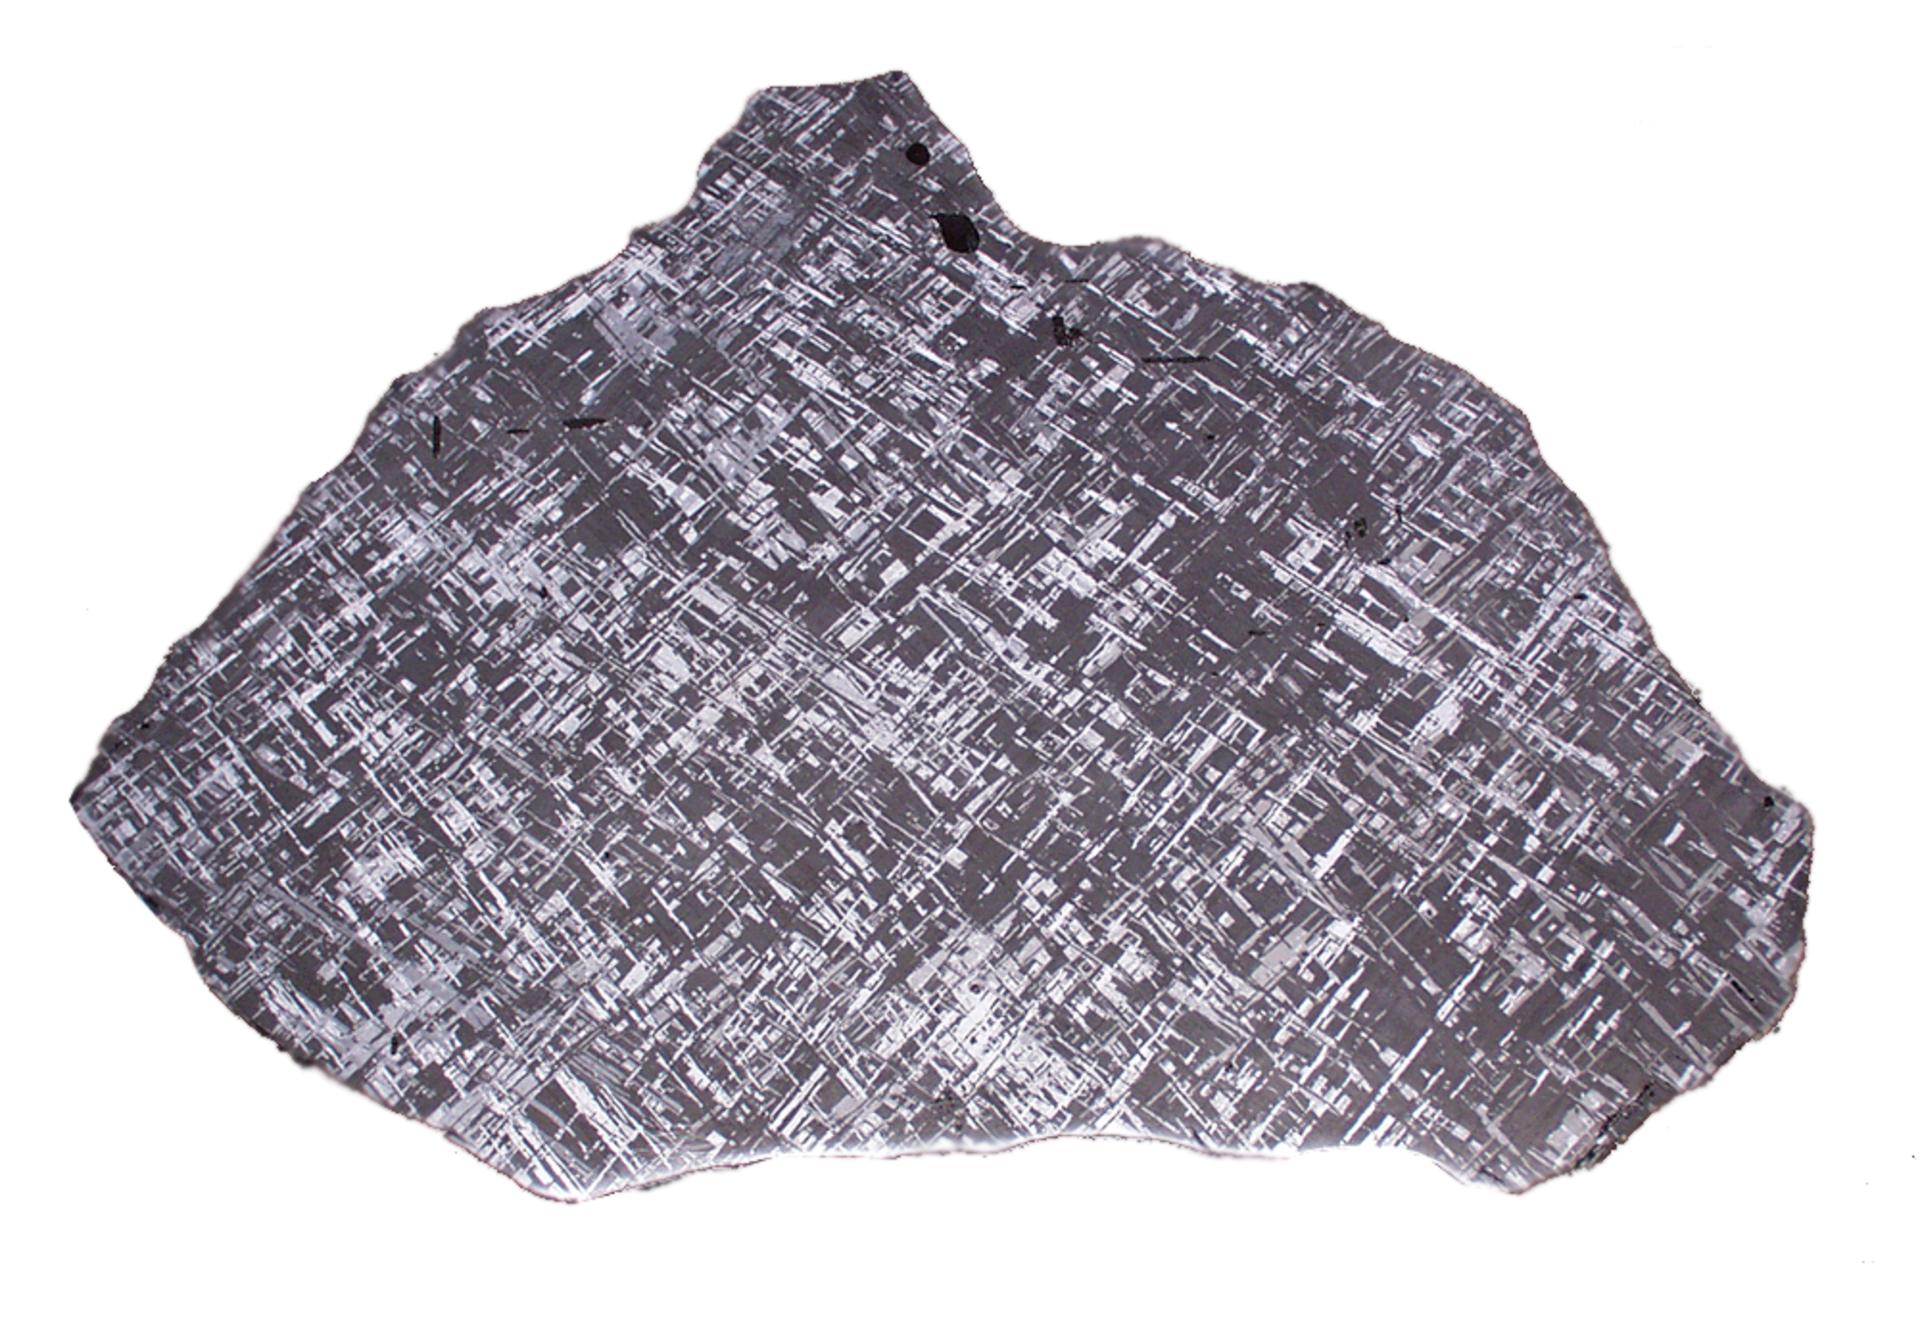 RGM.420363 | Iron, IVA